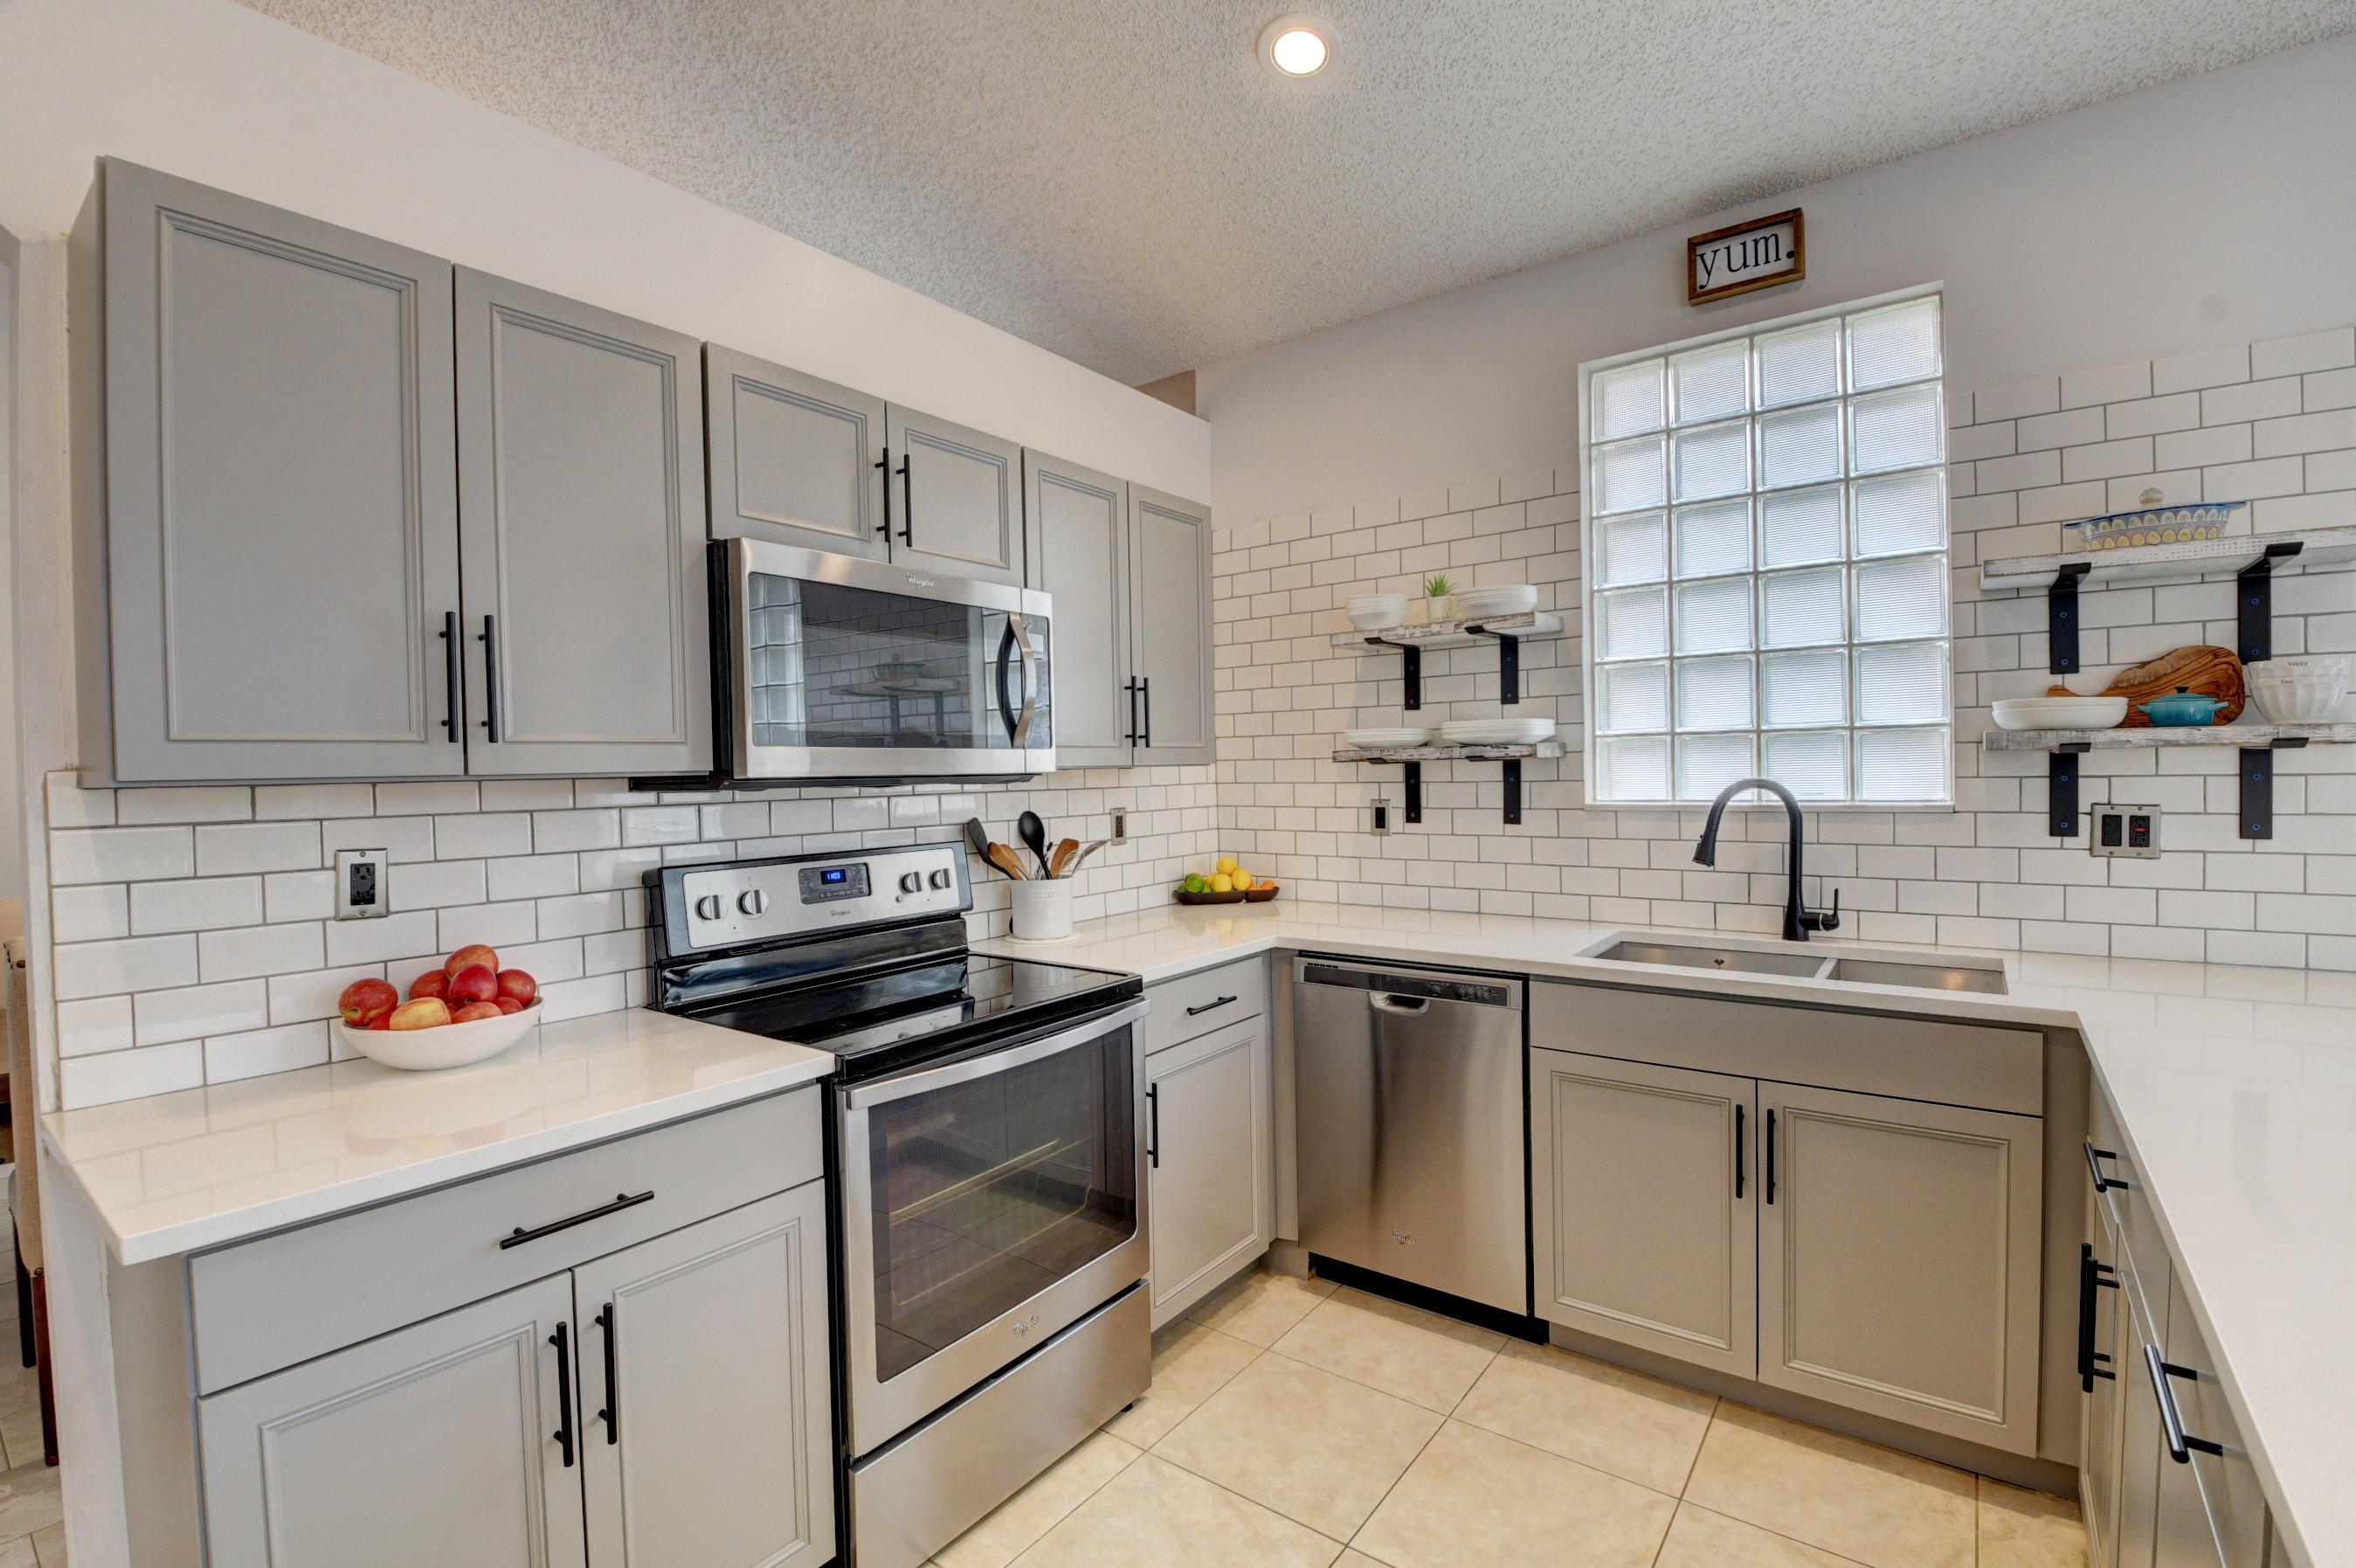 Home for sale in Veona Lakes Boynton Beach Florida